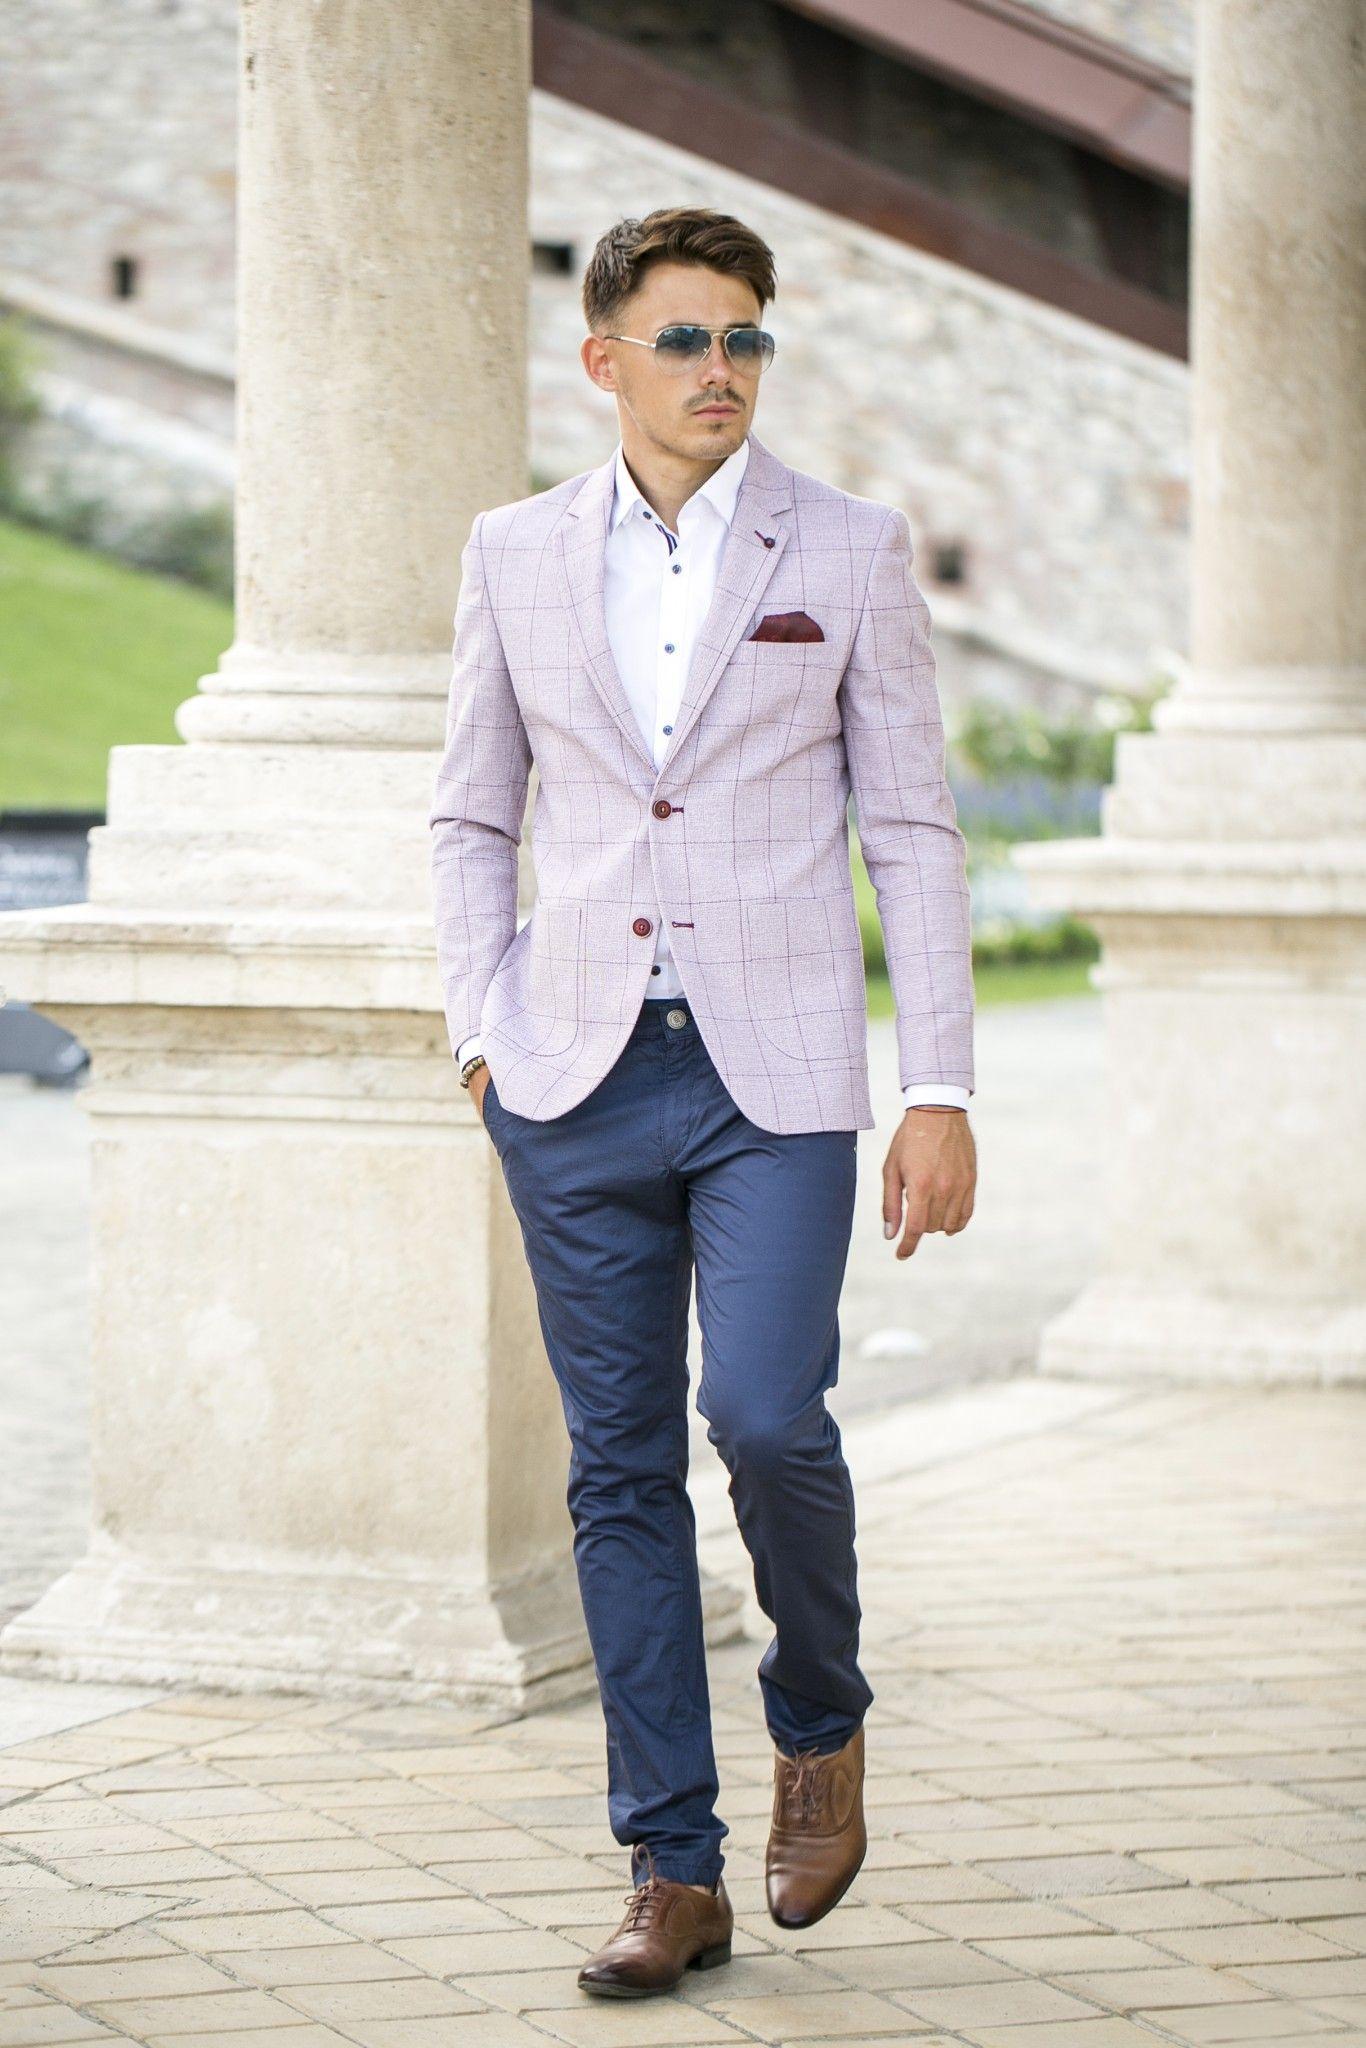 61f5c9faa1 Elite Fashion - Sportzakó   Elite Fashion - Men's Fashion   Fashion ...